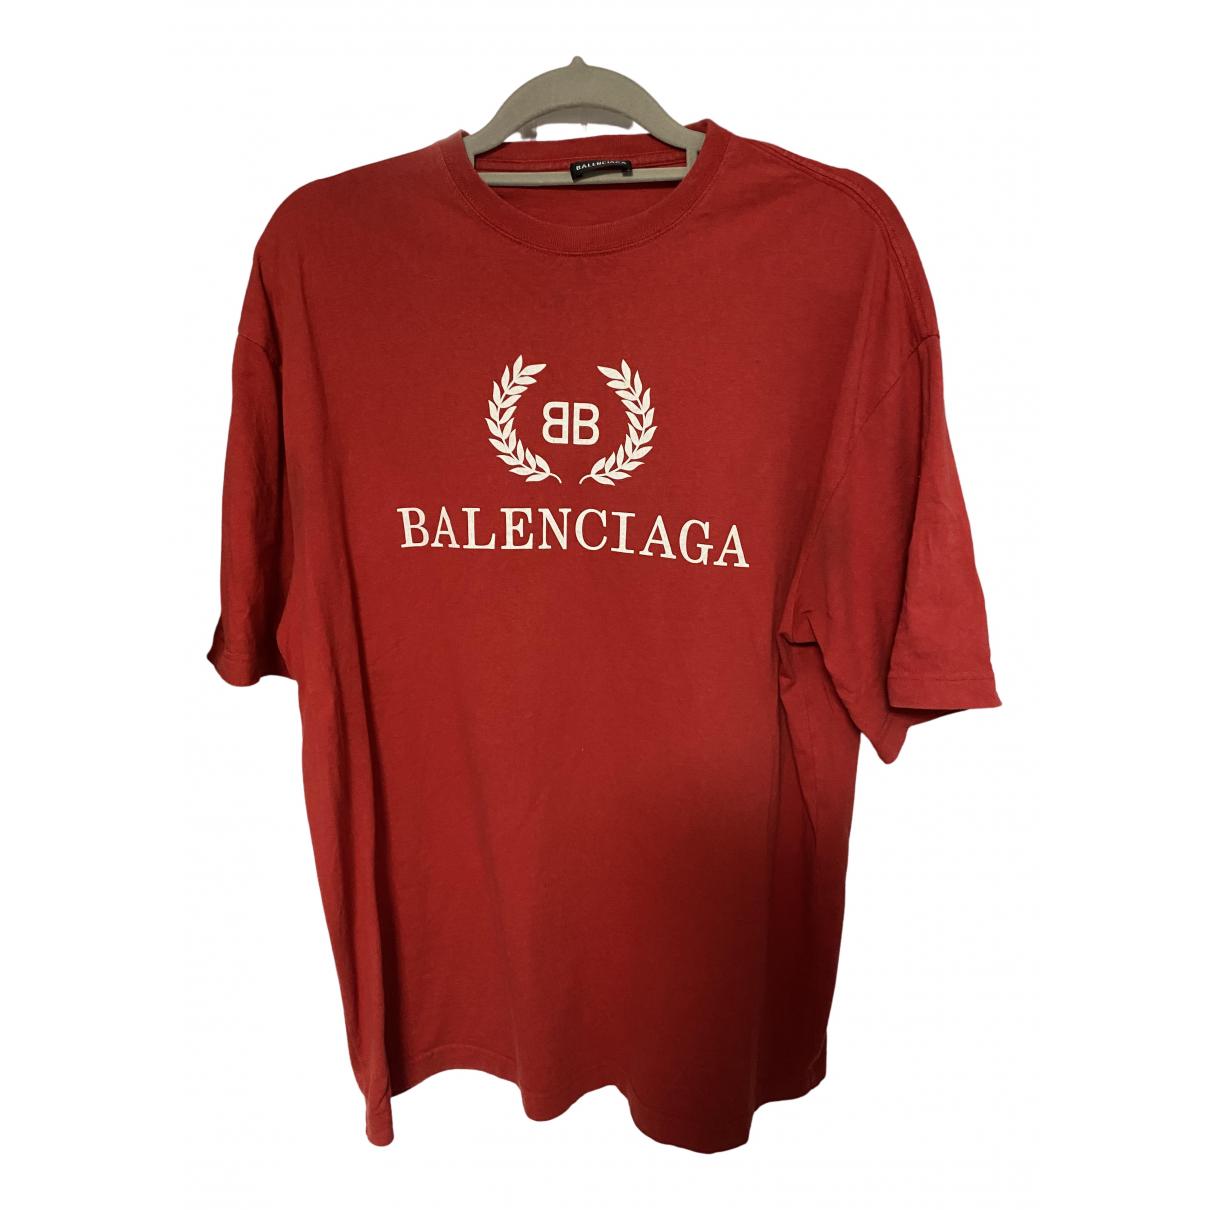 Balenciaga - Tee shirts   pour homme en coton - rouge